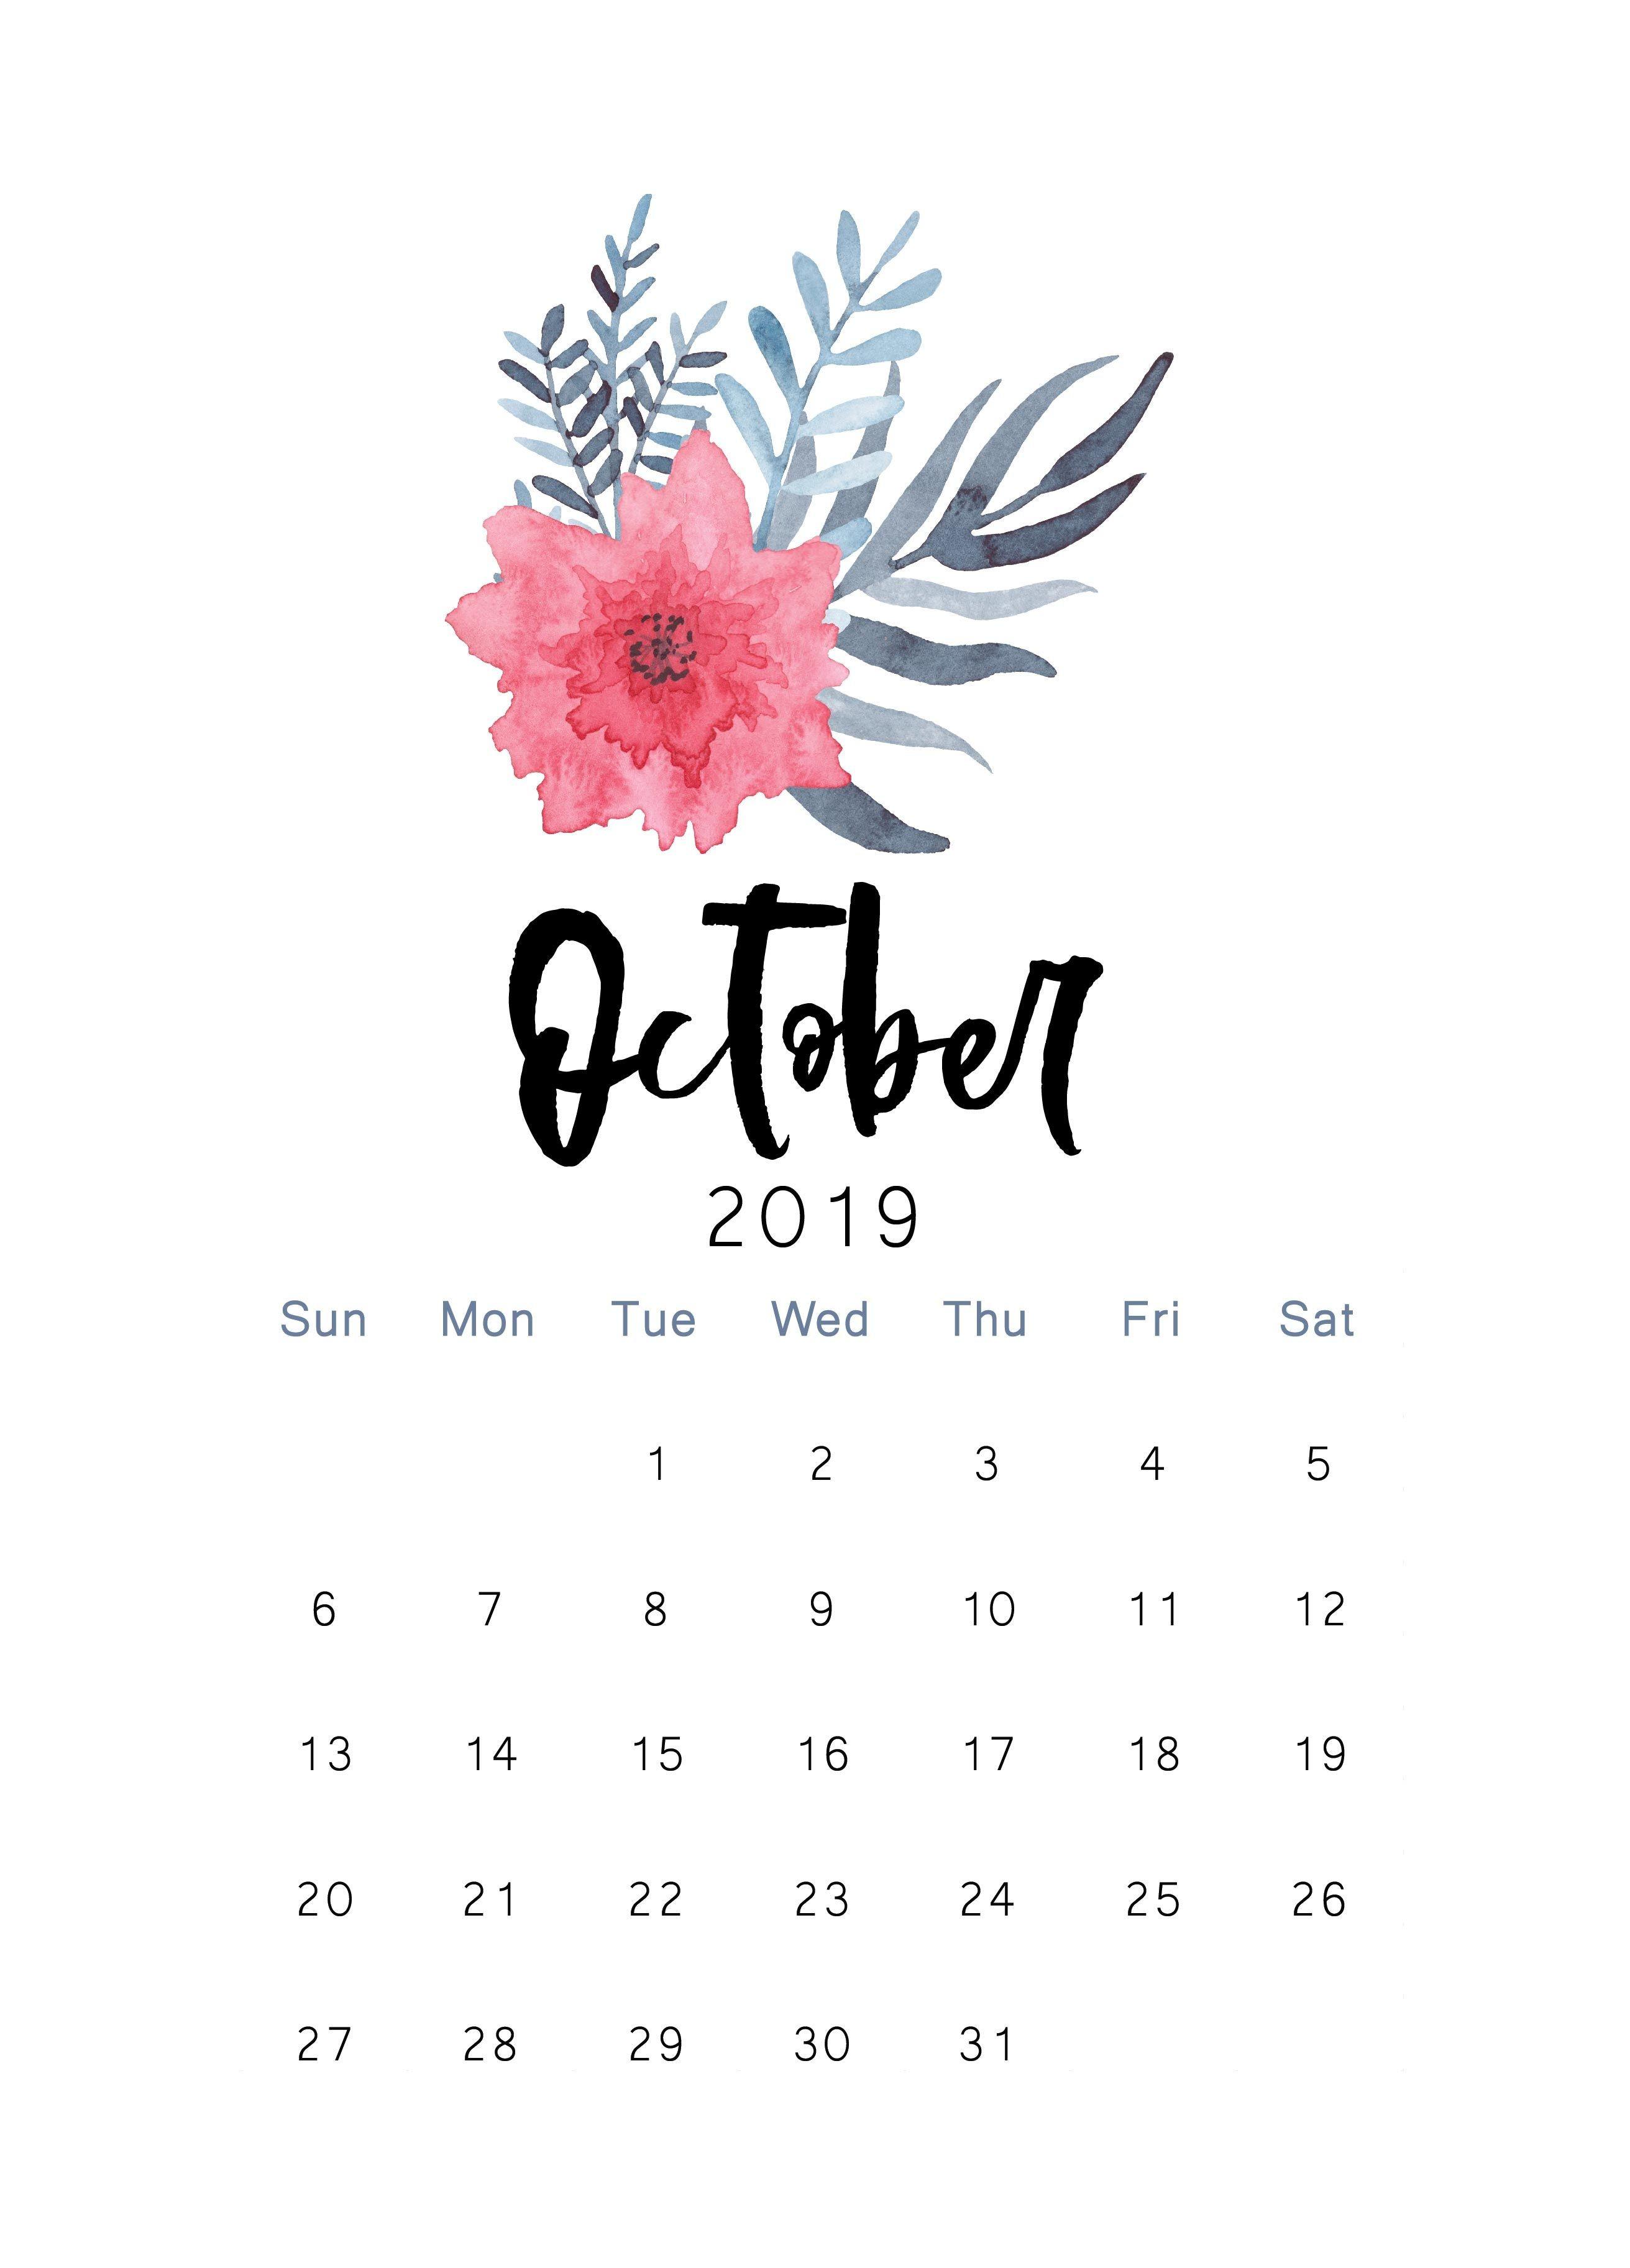 Calendario Marzo Y Abril 2019 Para Imprimir Más Recientes October 2019 Printable Calendar Printable Of Calendario Marzo Y Abril 2019 Para Imprimir Más Caliente Informes Calendario Abril Per Imprimir